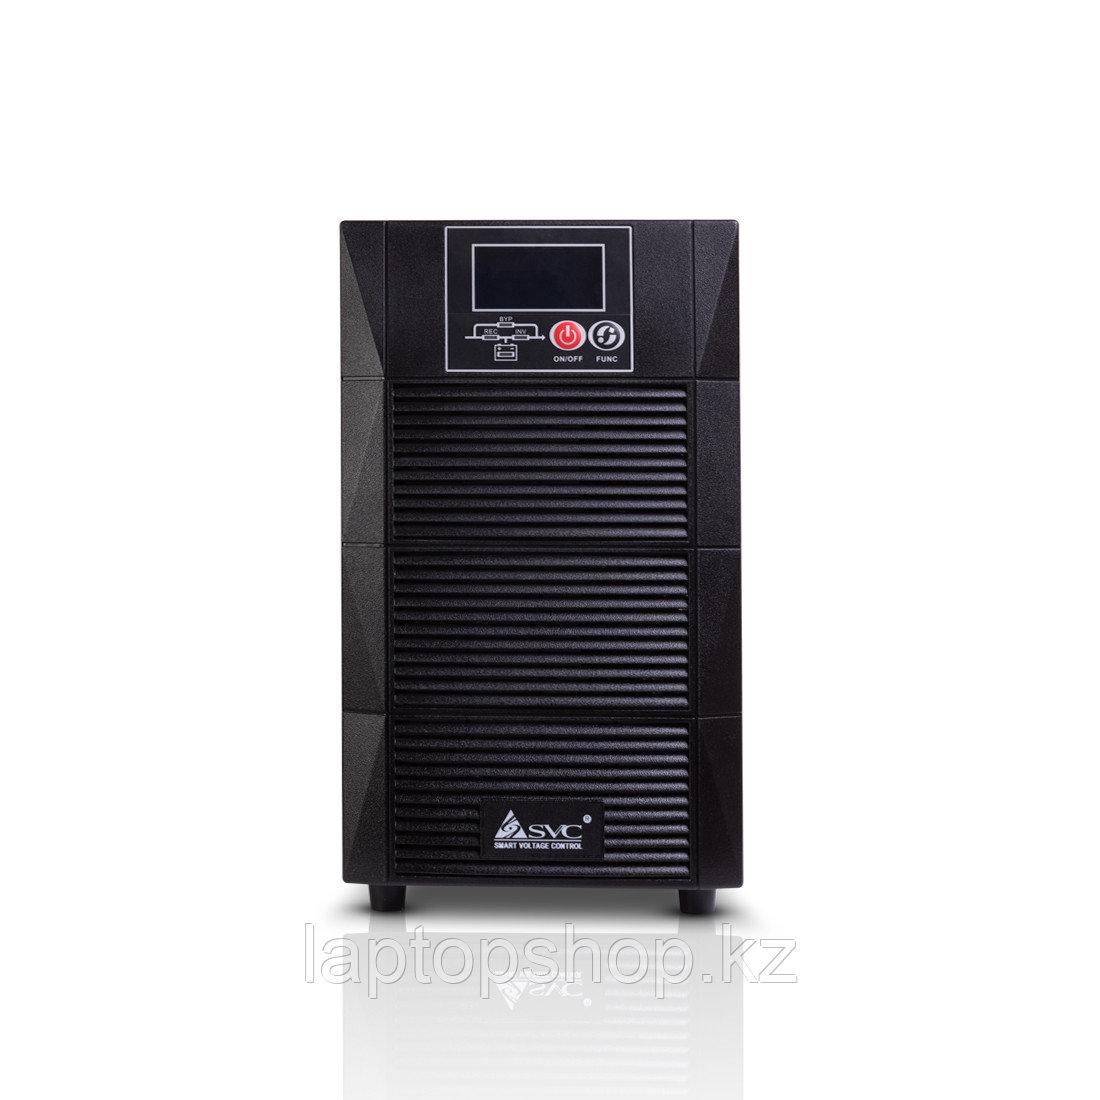 Источник бесперебойного питания SVC PTS-3KL-LCD, Мощность 3000ВА/2700Вт